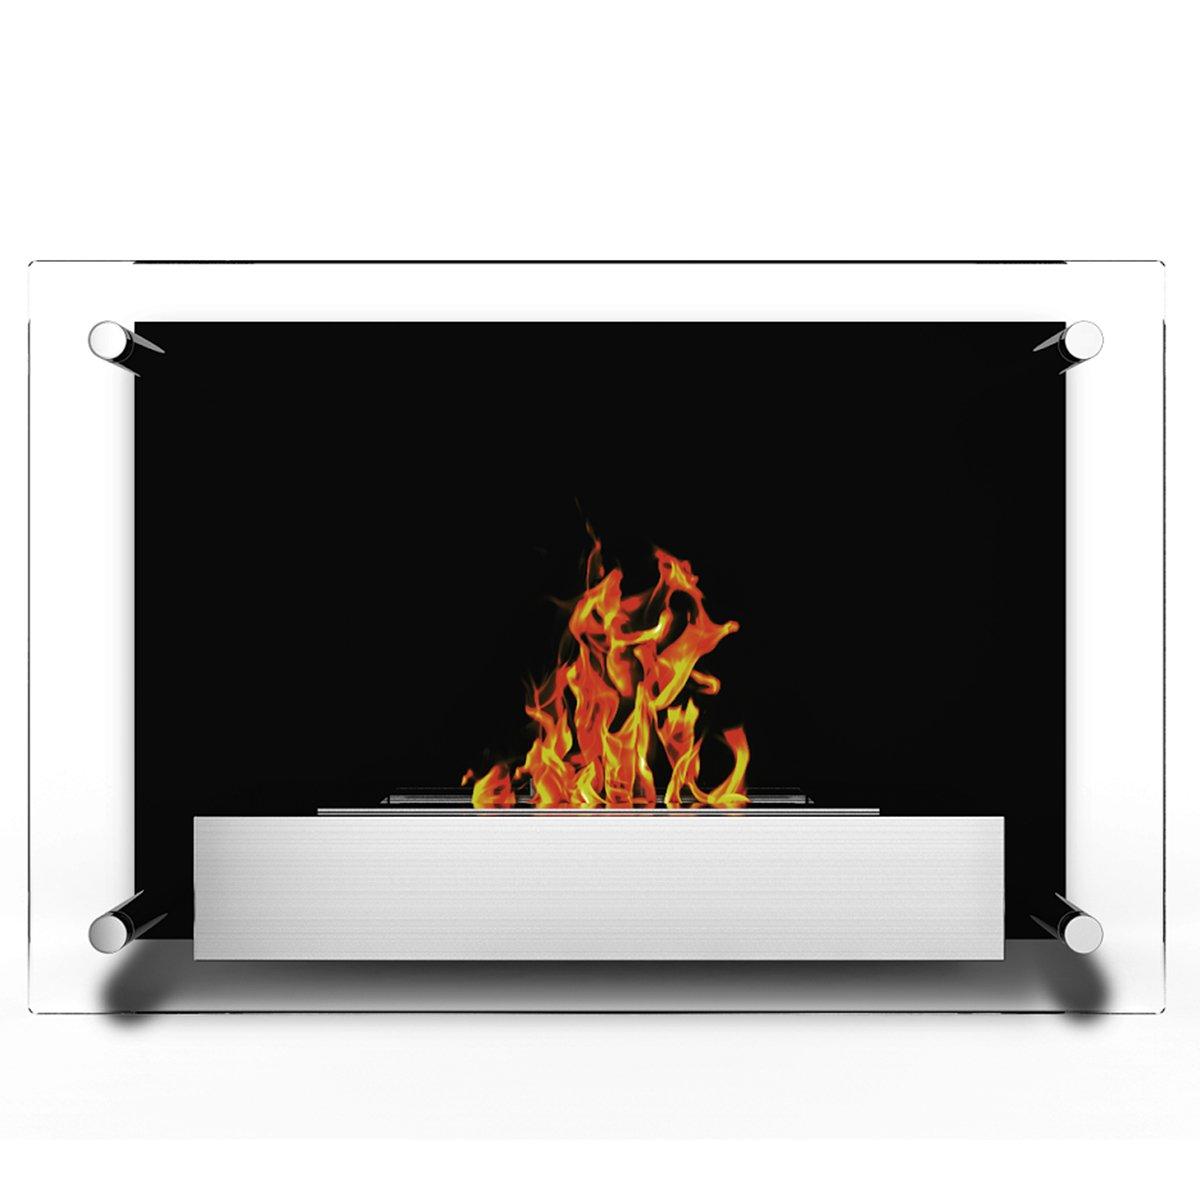 Elite Flame Milan Ventless Bio Ethanol Wall Mounted Fireplace by Regal Flame